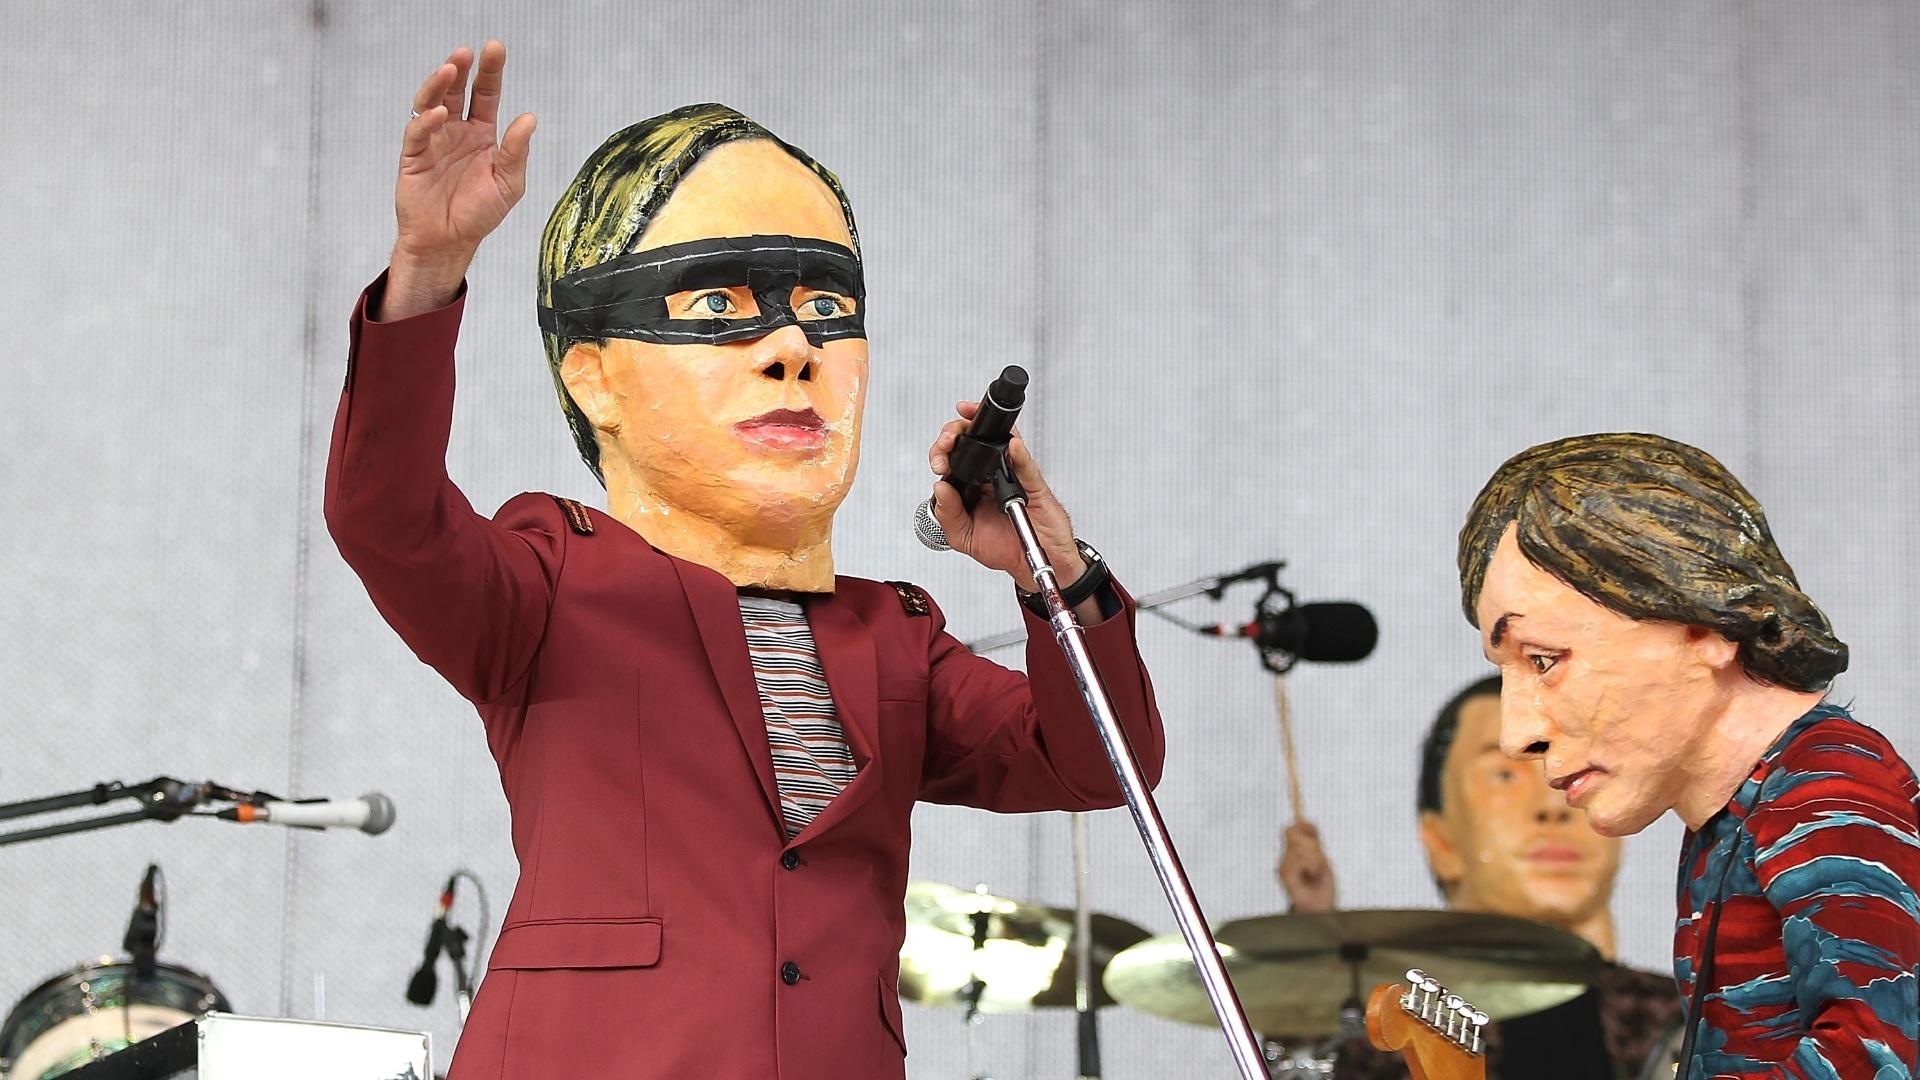 Arcade Fire se apresenta com cabeças de látex durante show na Austrália em janeiro